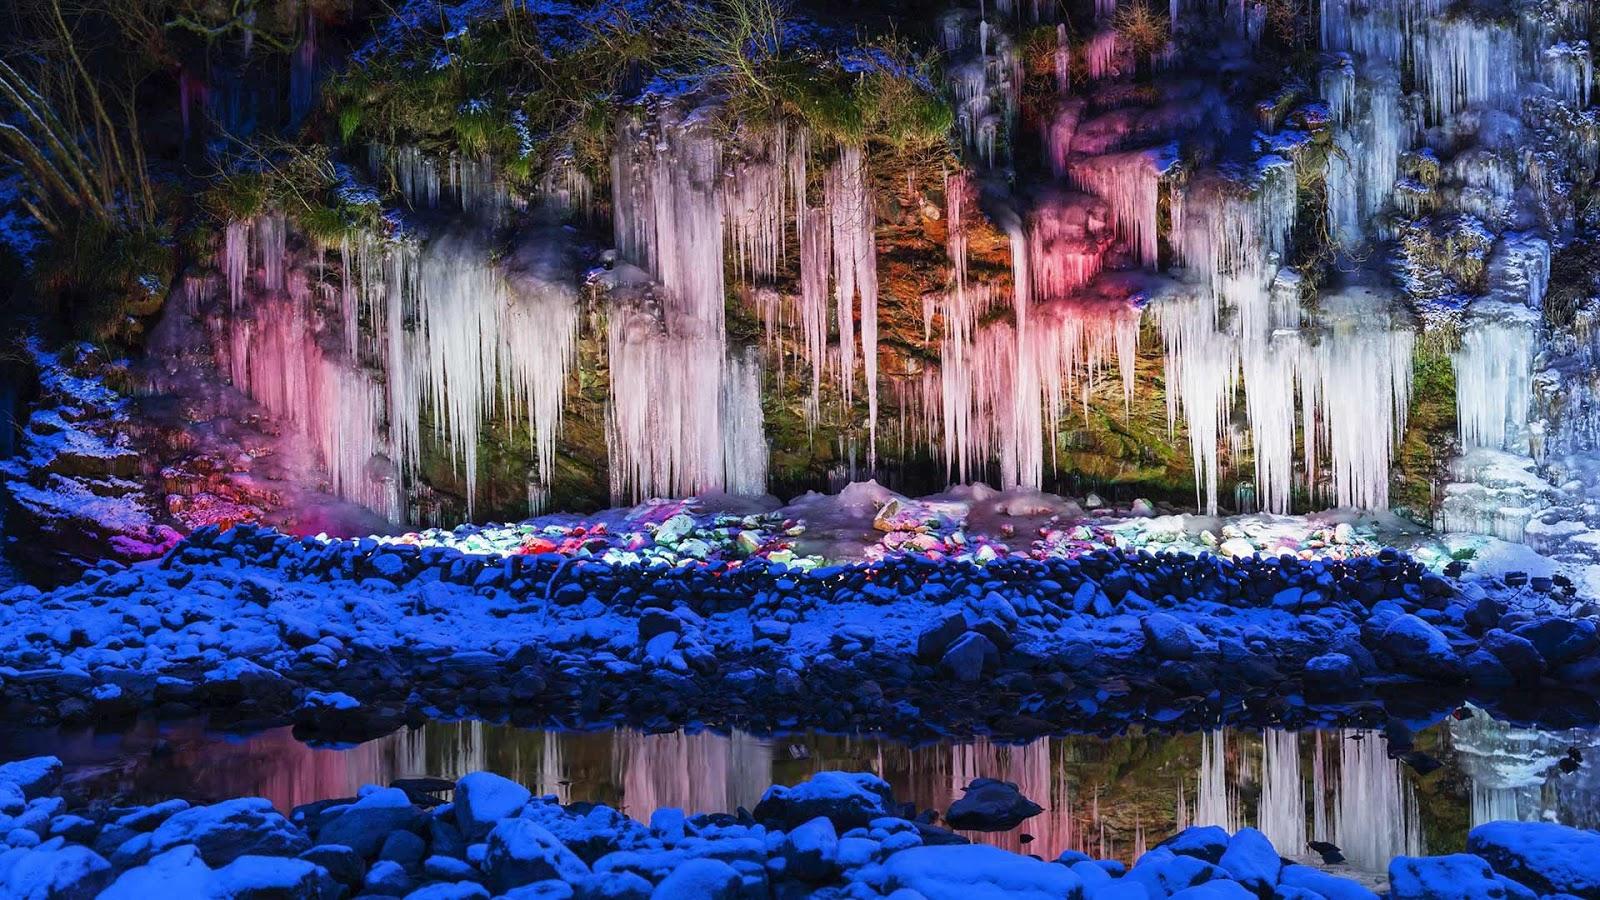 Illuminated icicles in Chichibu, Japan © JTB Photo/UIG/age fotostock